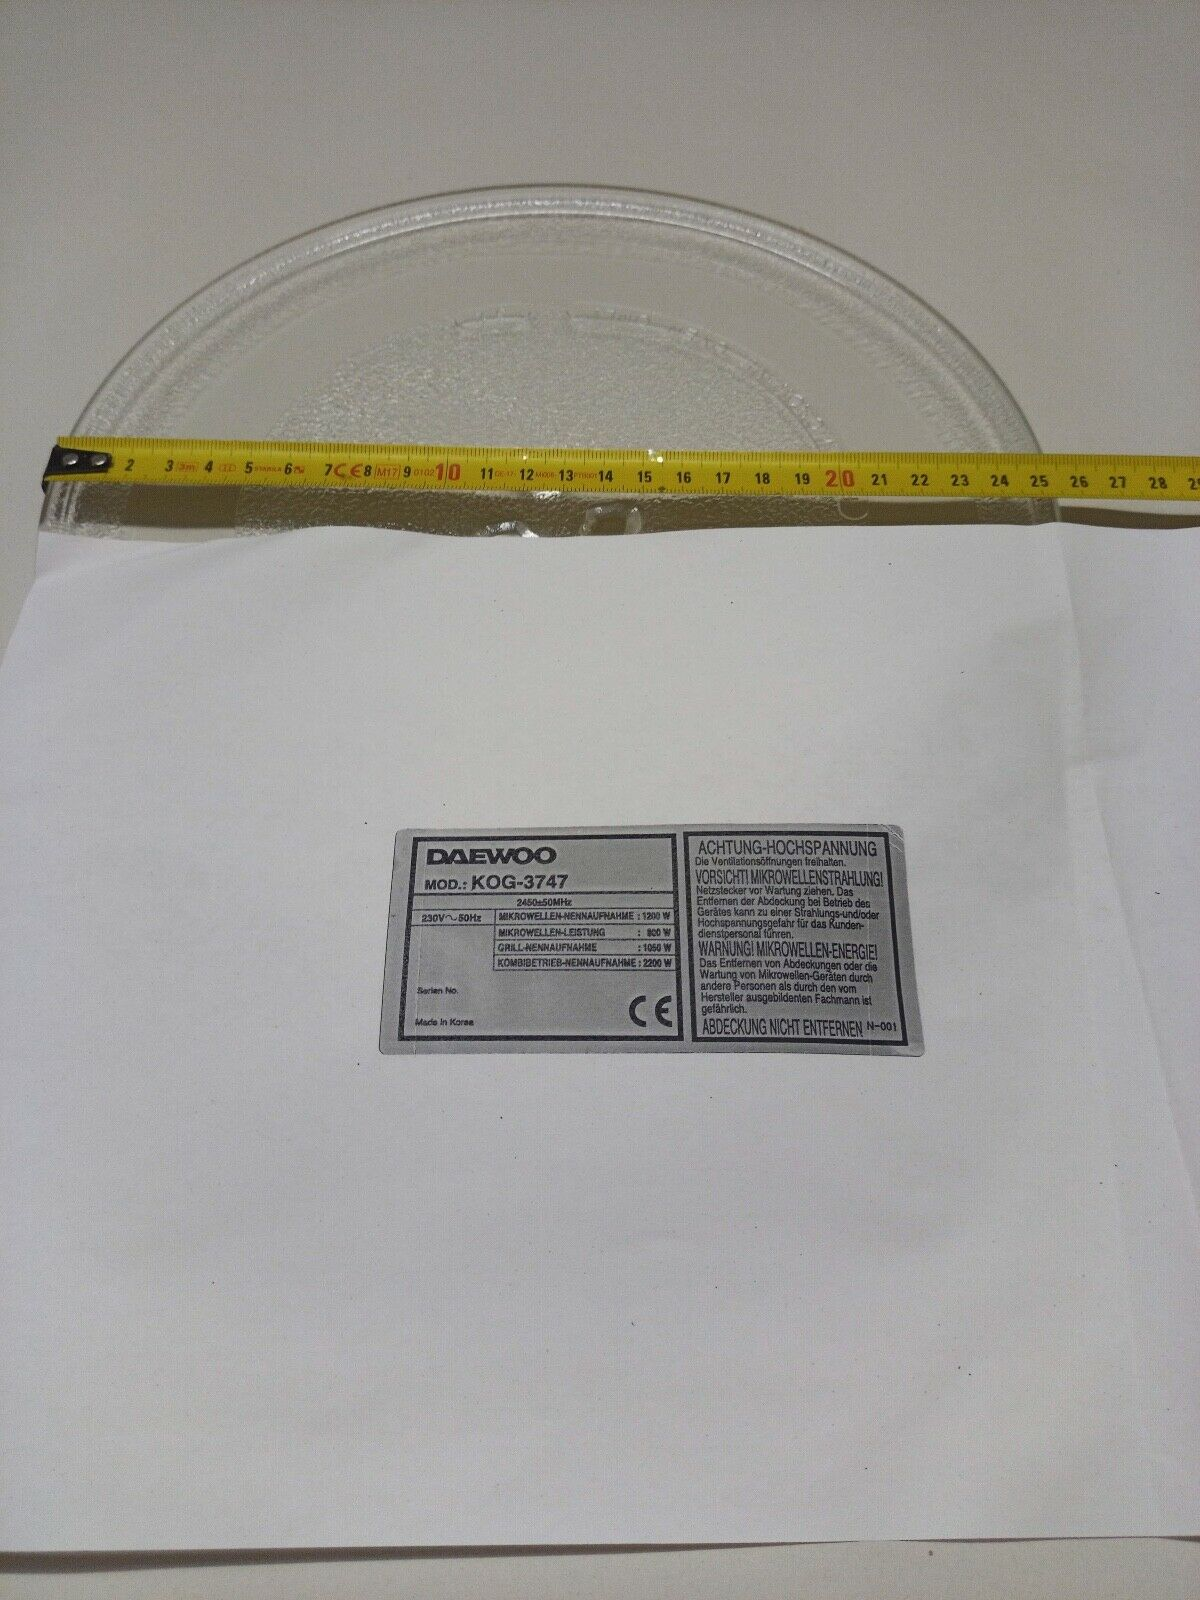 Mikrowellenteller 25,5cm Drehteller Mikrowelle Daewoo Modell: KOG-3747